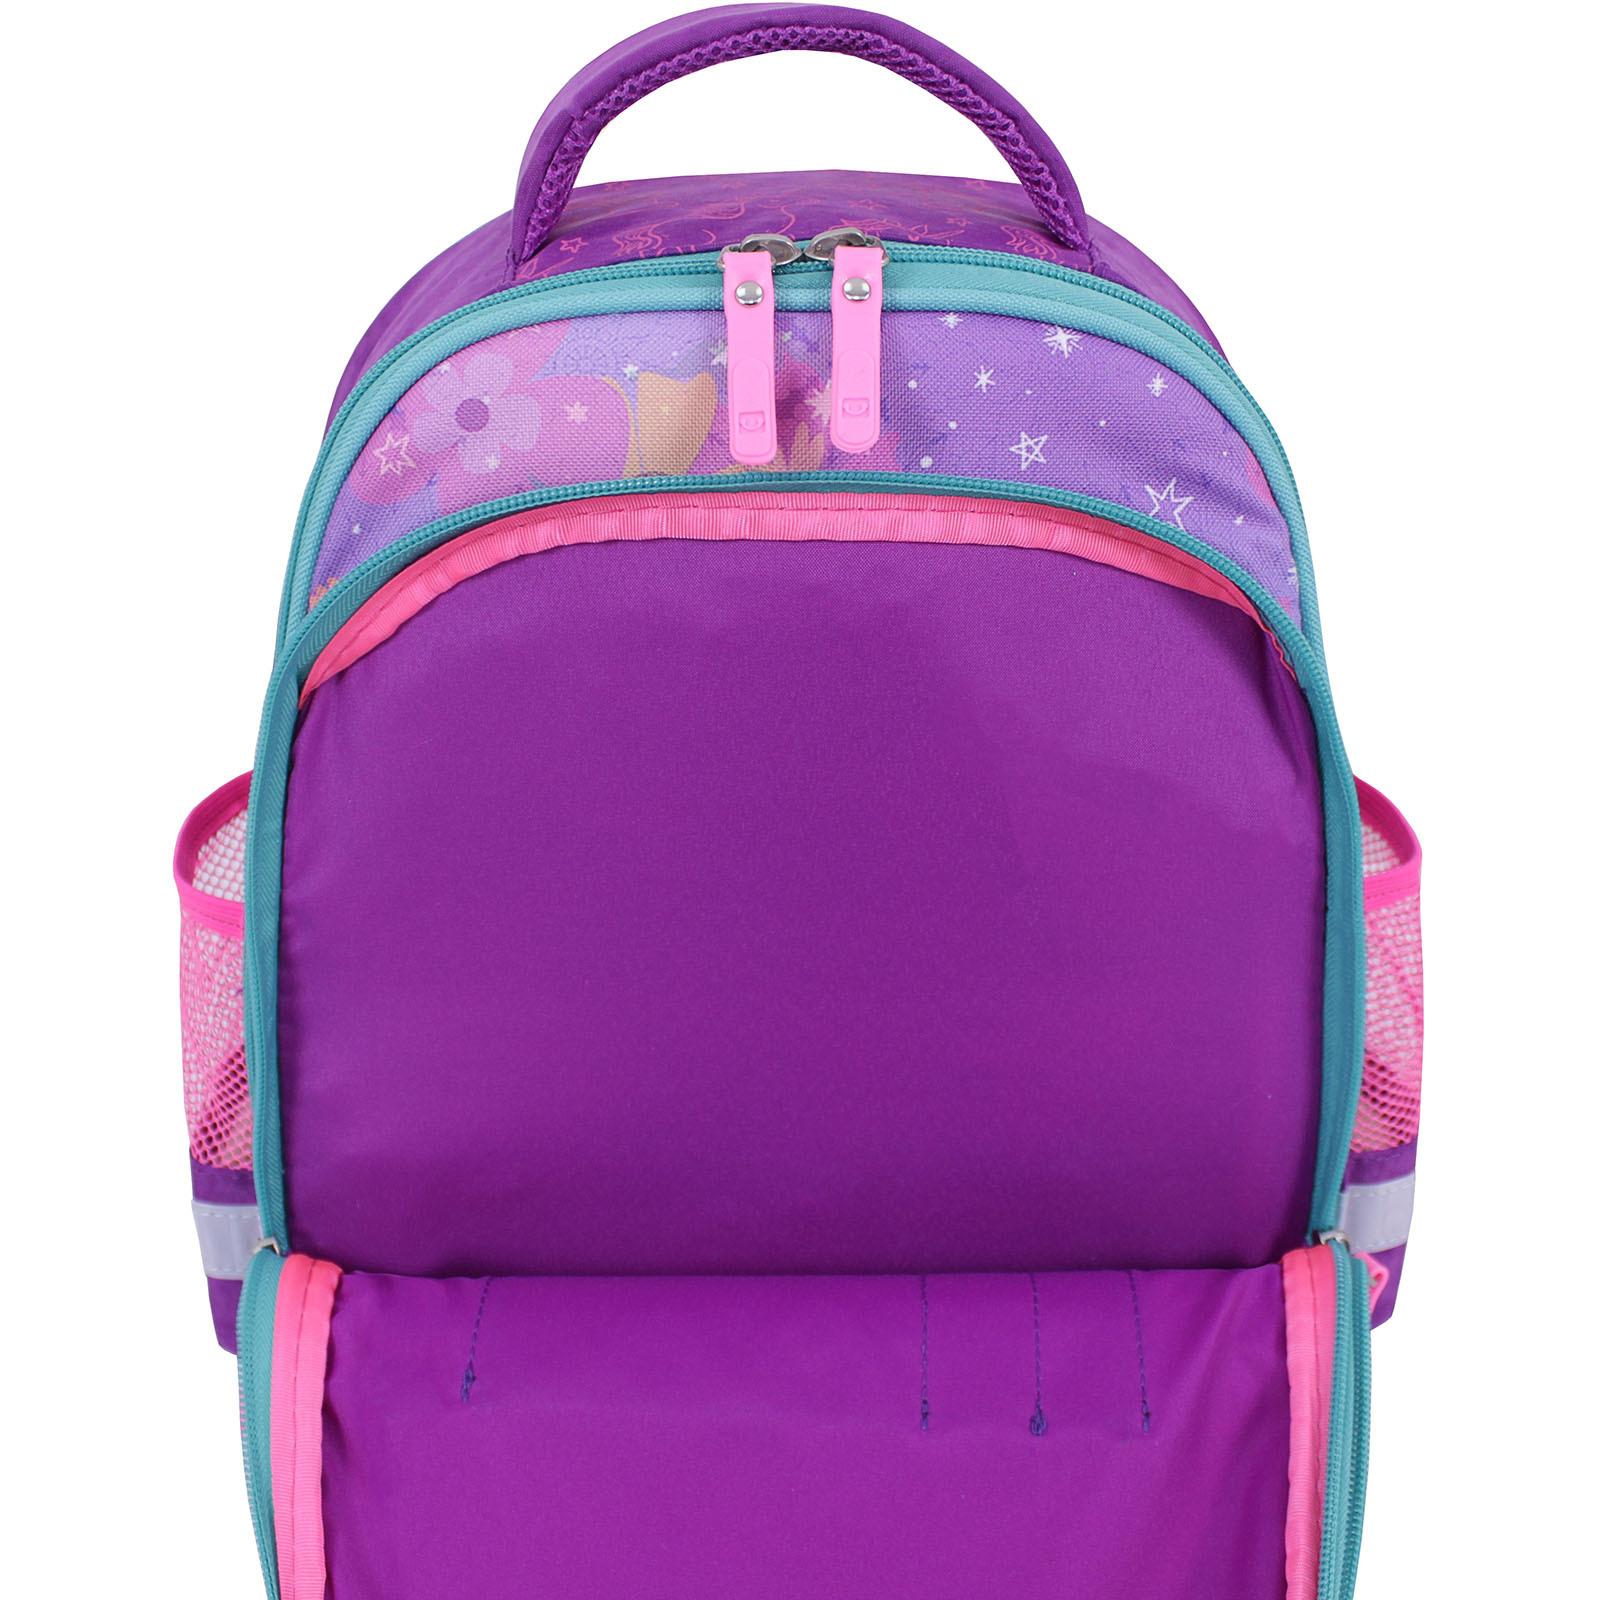 Рюкзак школьный Bagland Mouse 339 фиолетовый 596 (0051370) фото 4